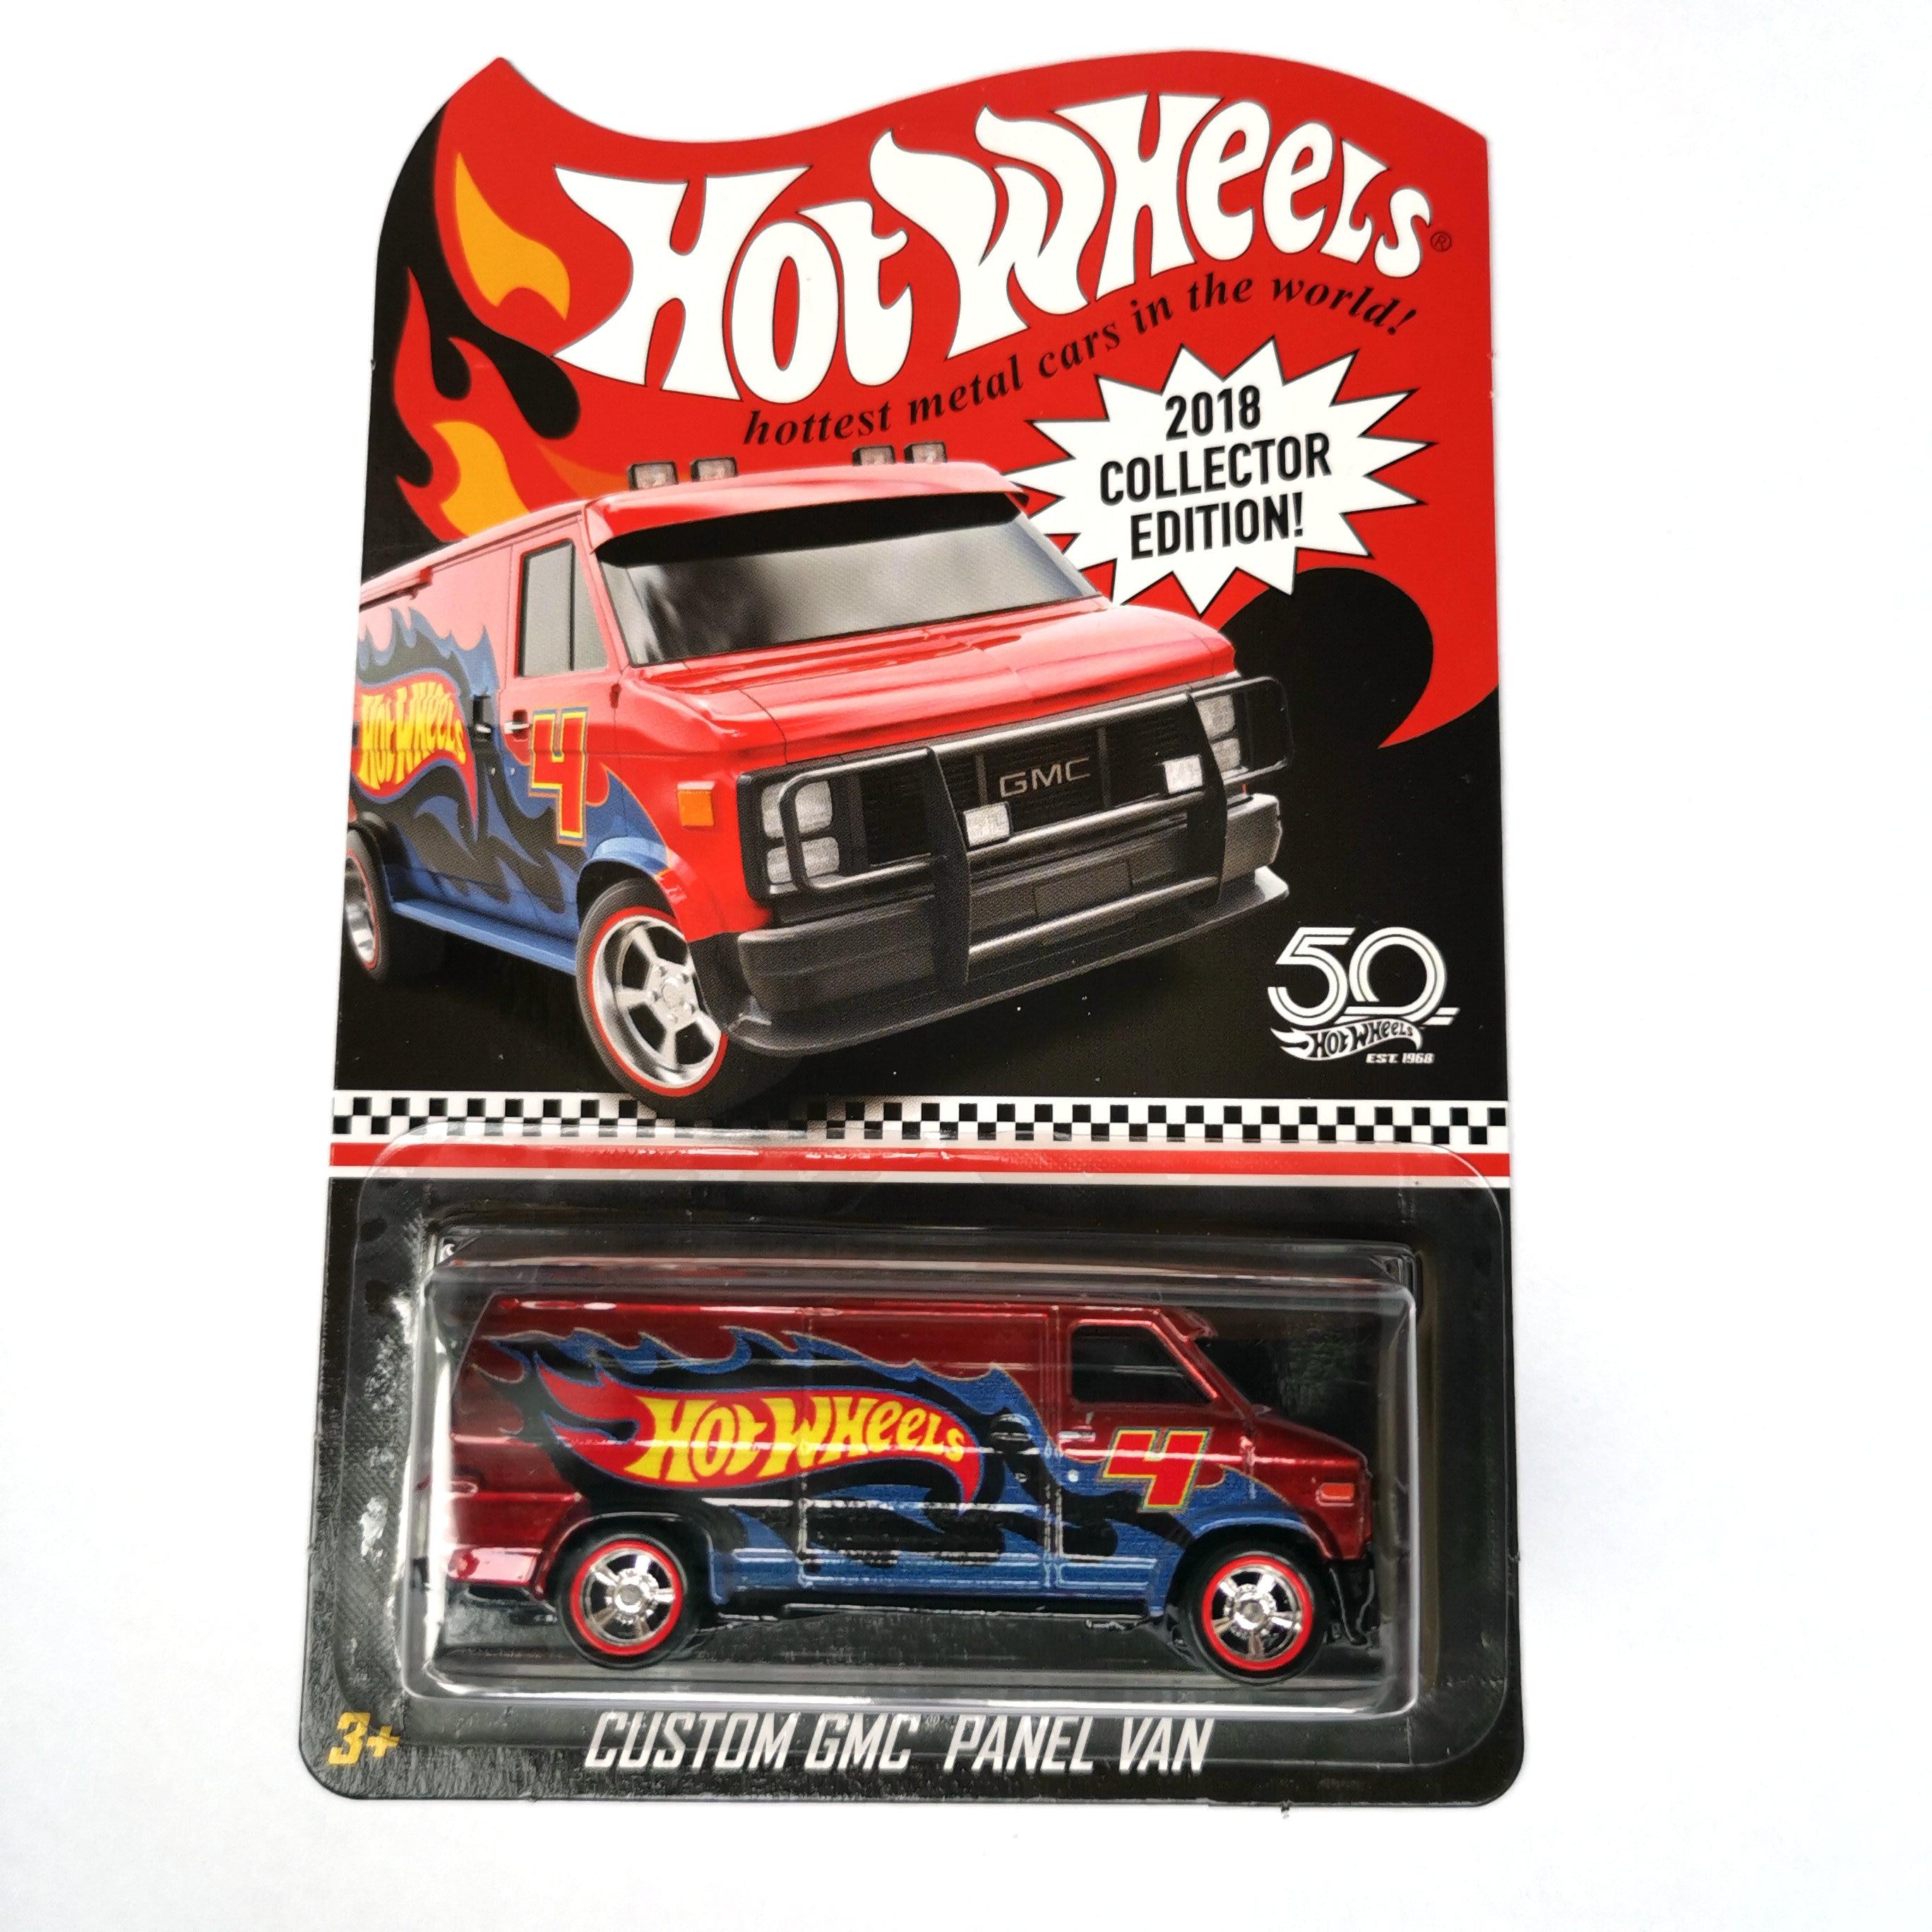 Hot Wheels Carro Linha Vermelha Clube 70 BLAZER GMC CHEVY CHEVELLE Collector Edition 50th Anniversary Metal Diecast Carros Modelo Crianças brinquedos